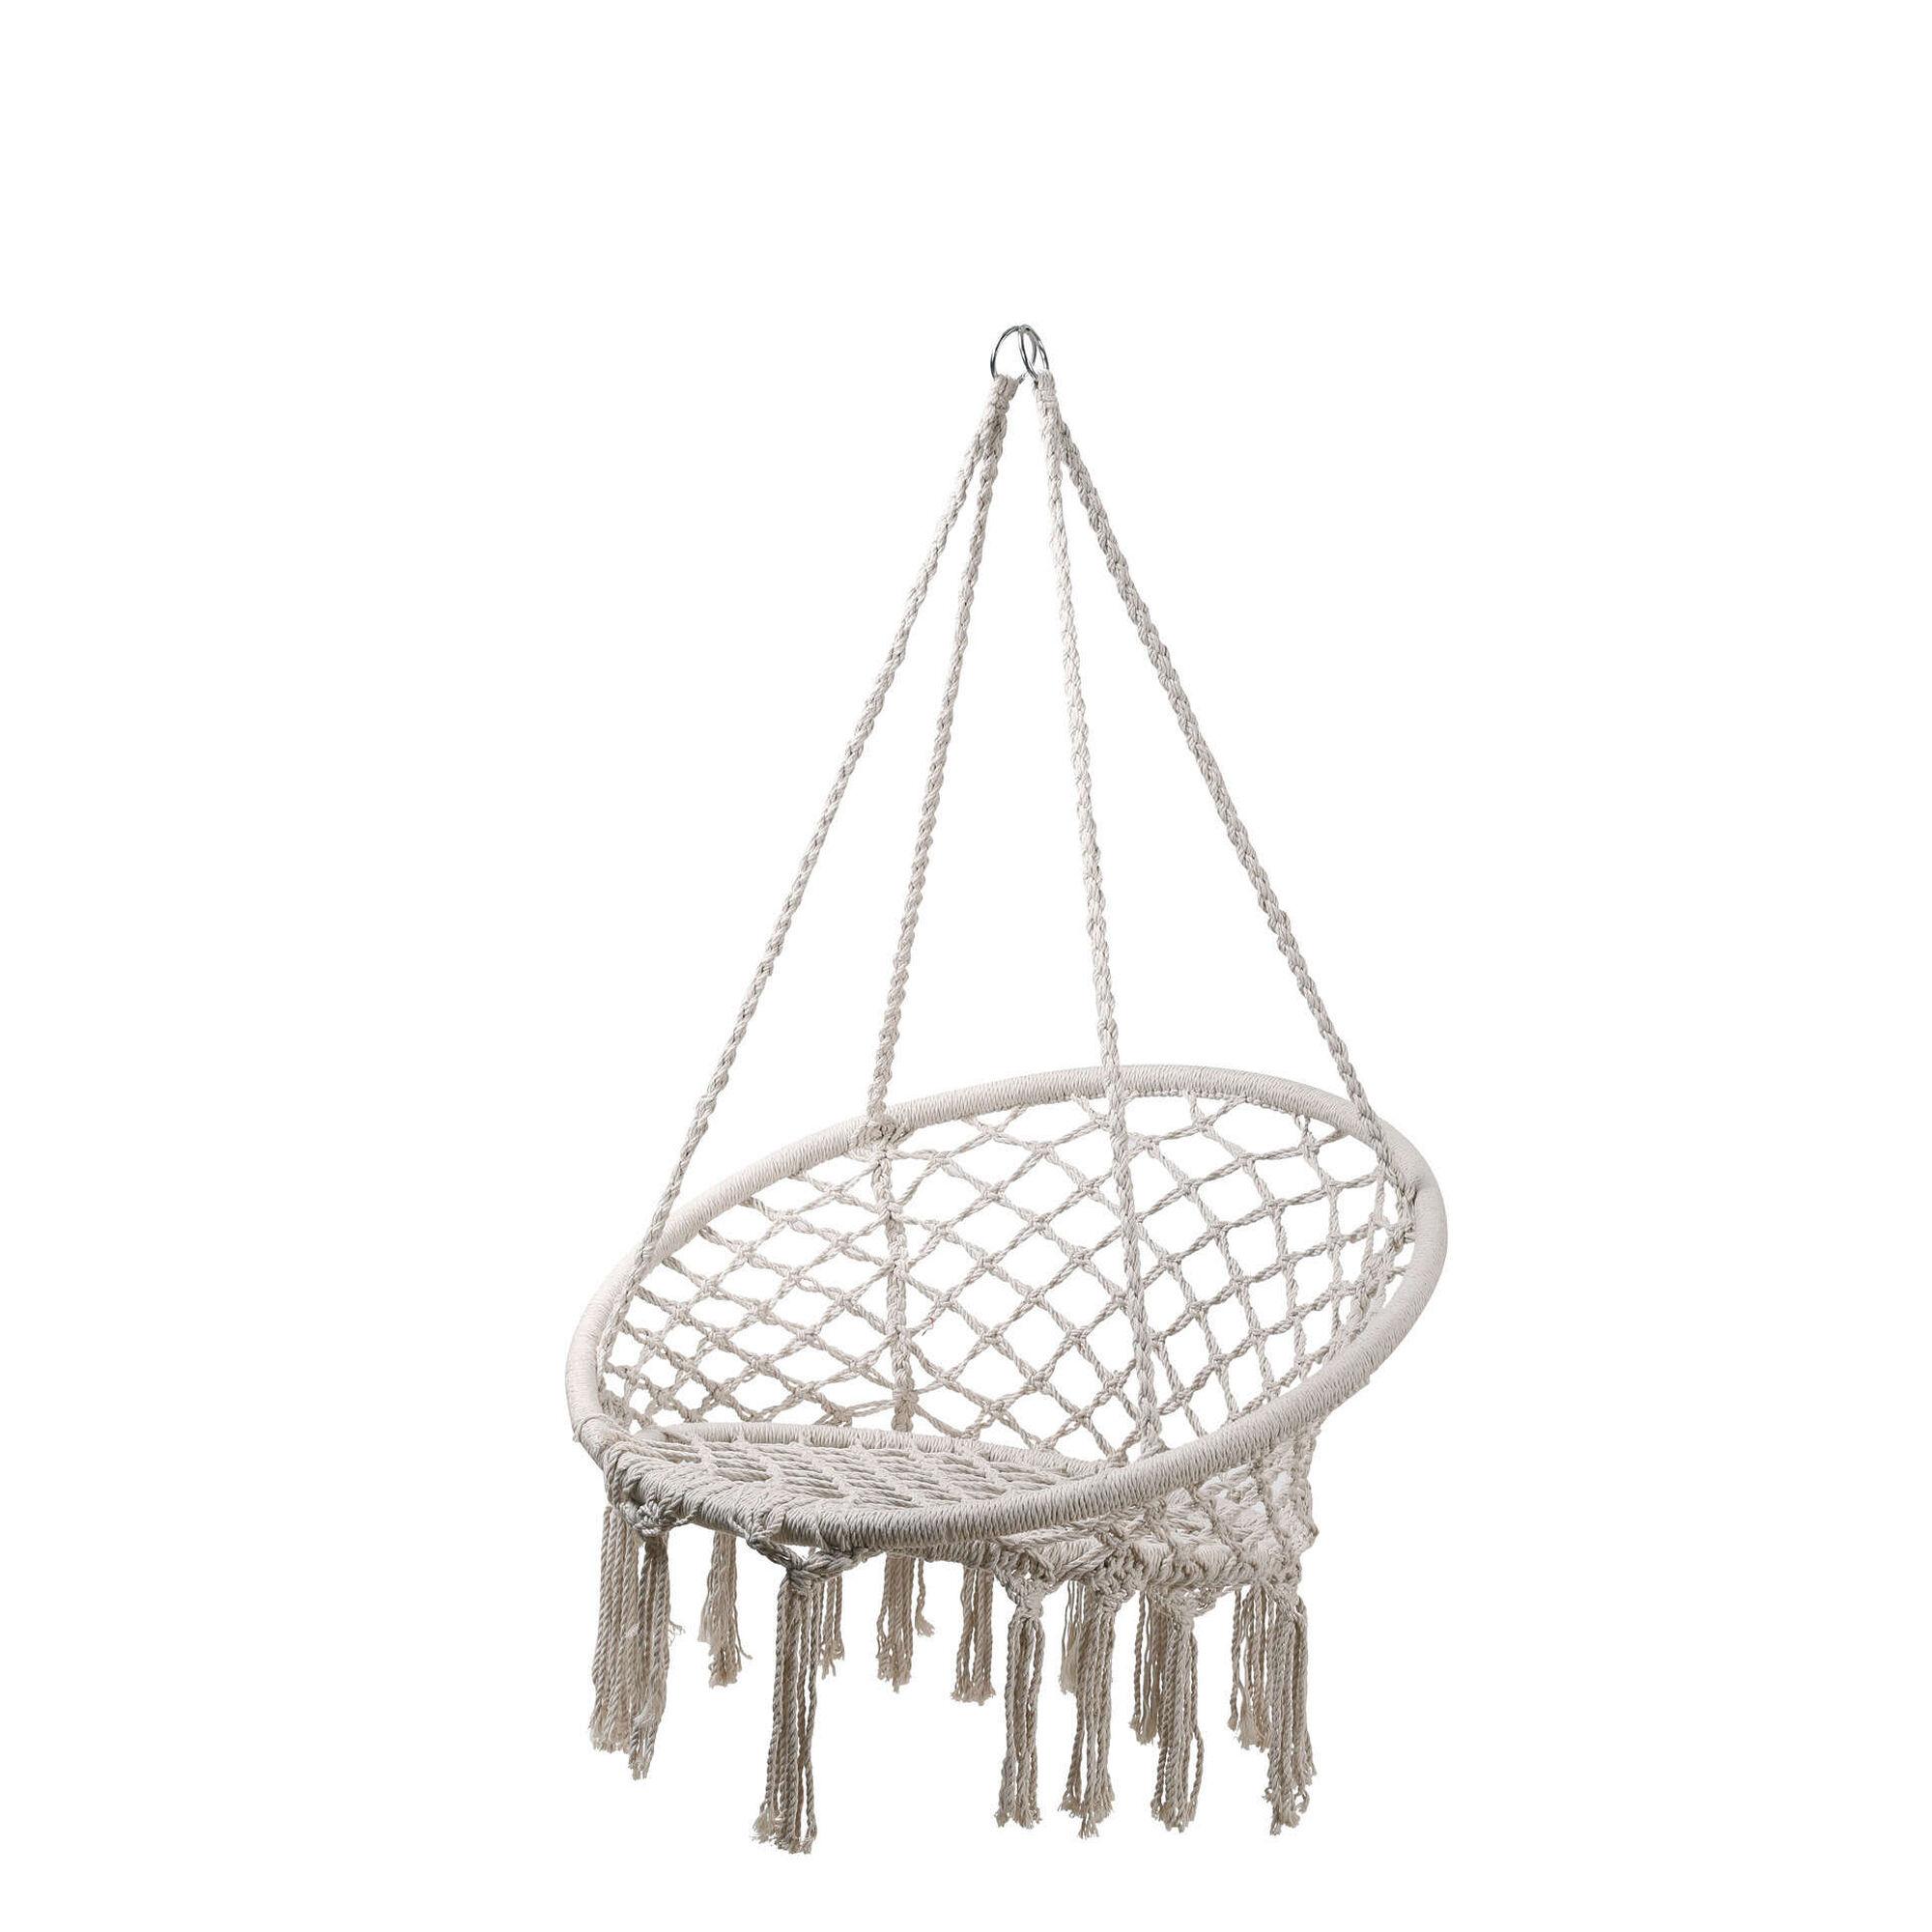 Baloiço Cadeira de Rede Cru